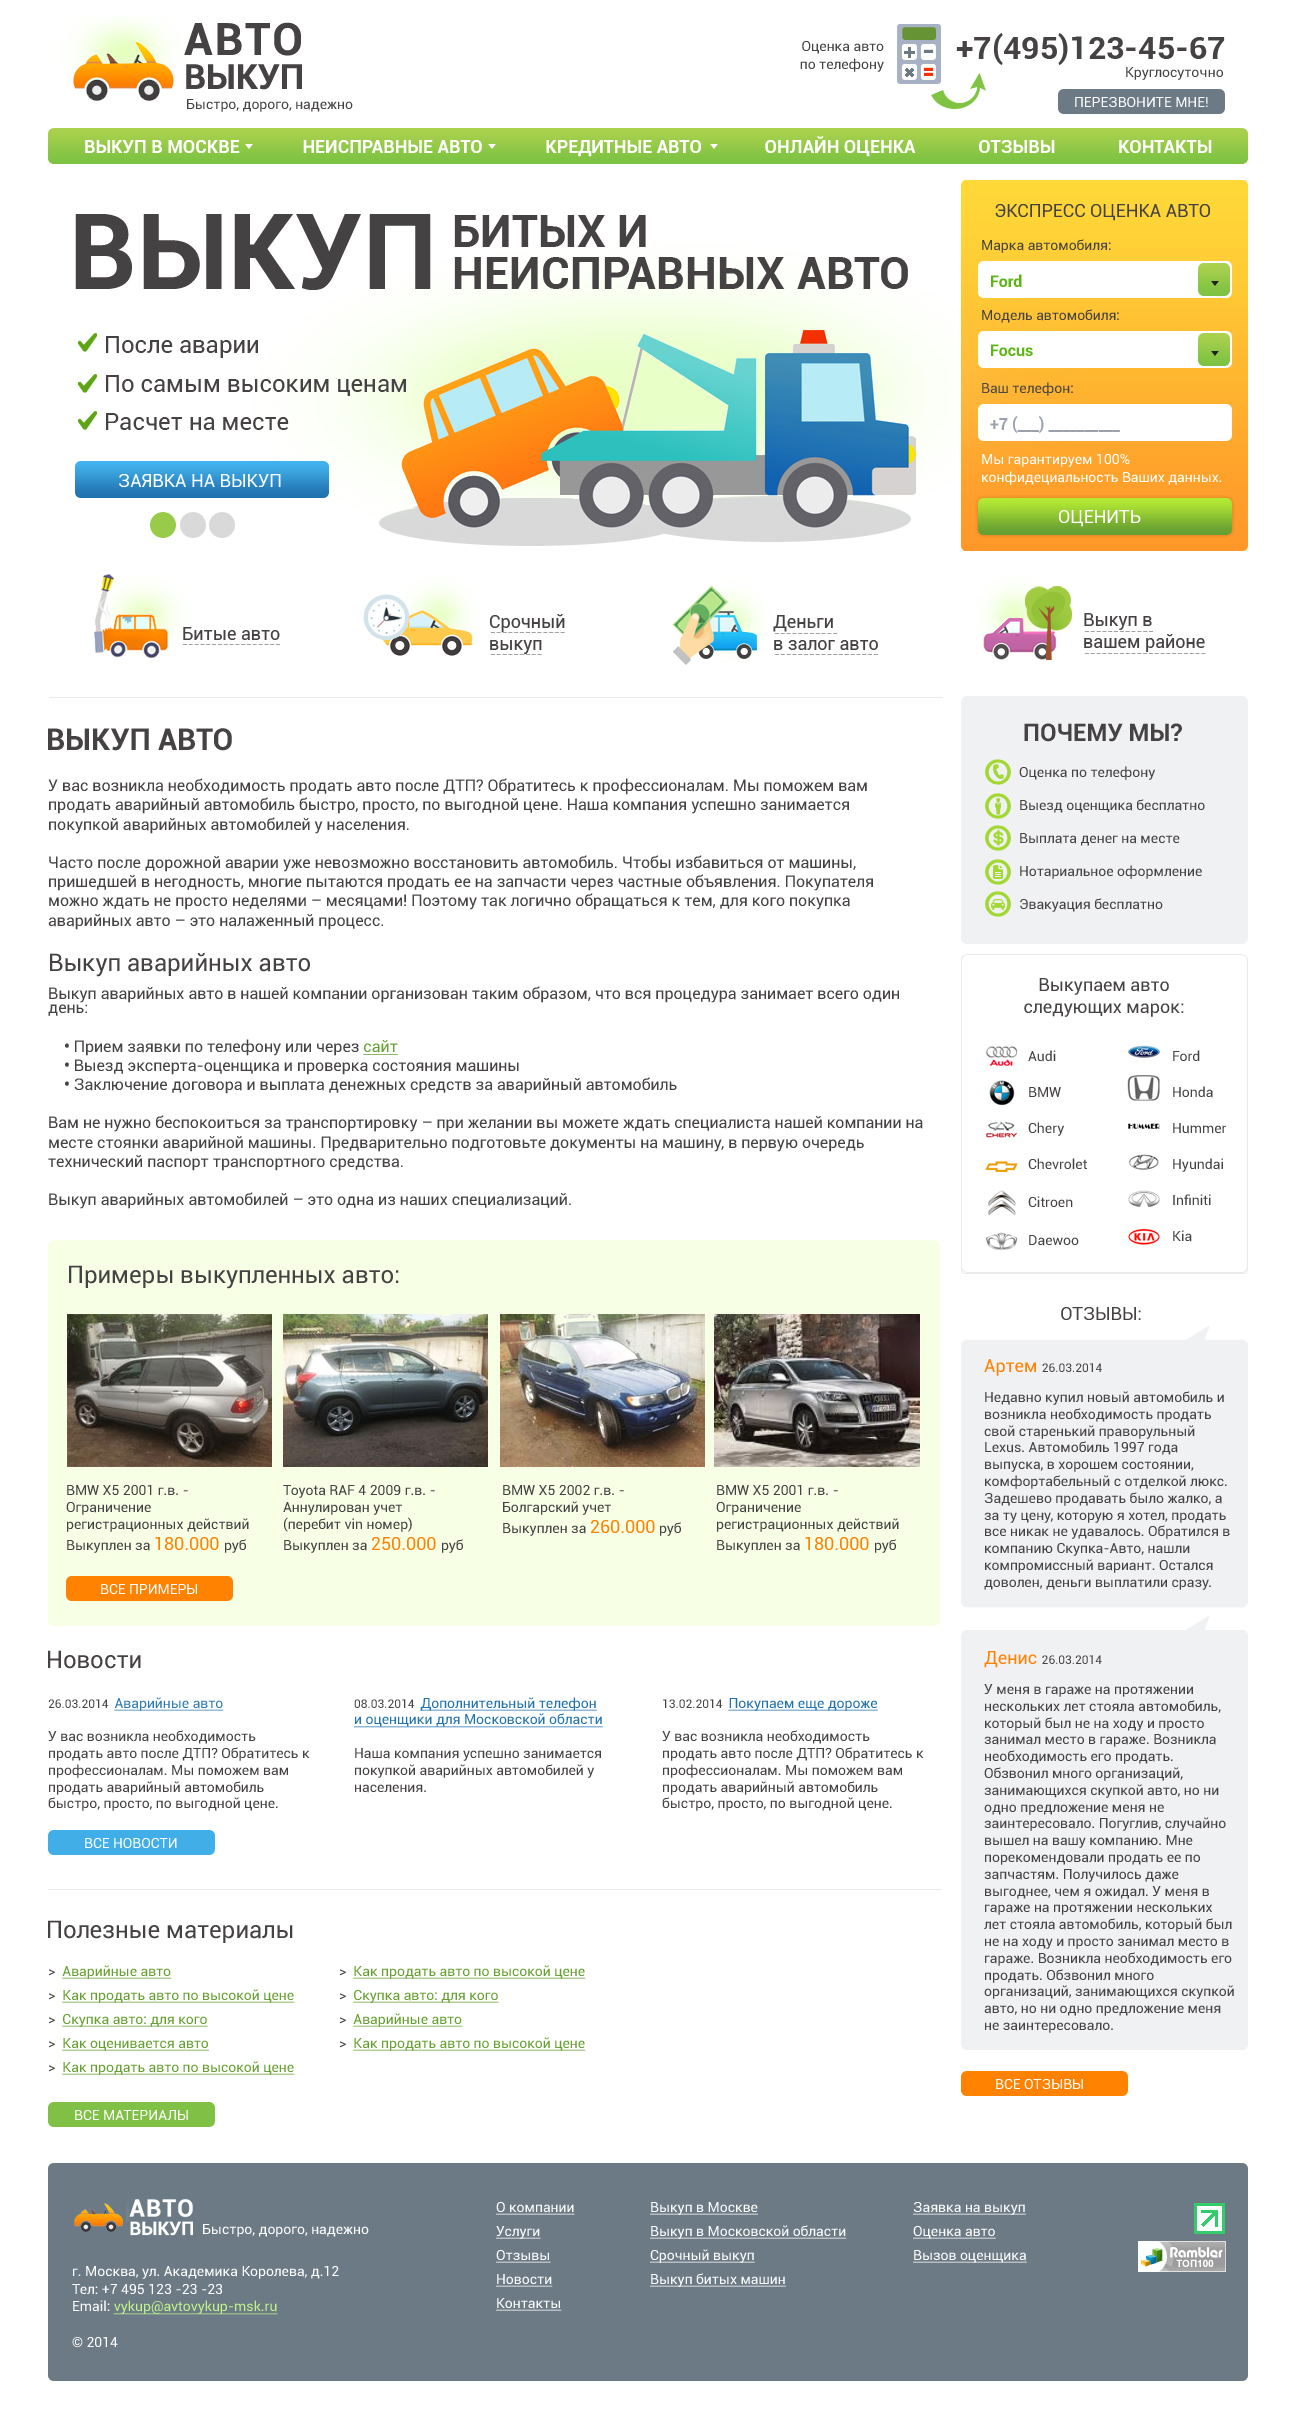 Выкуп авто. сайт